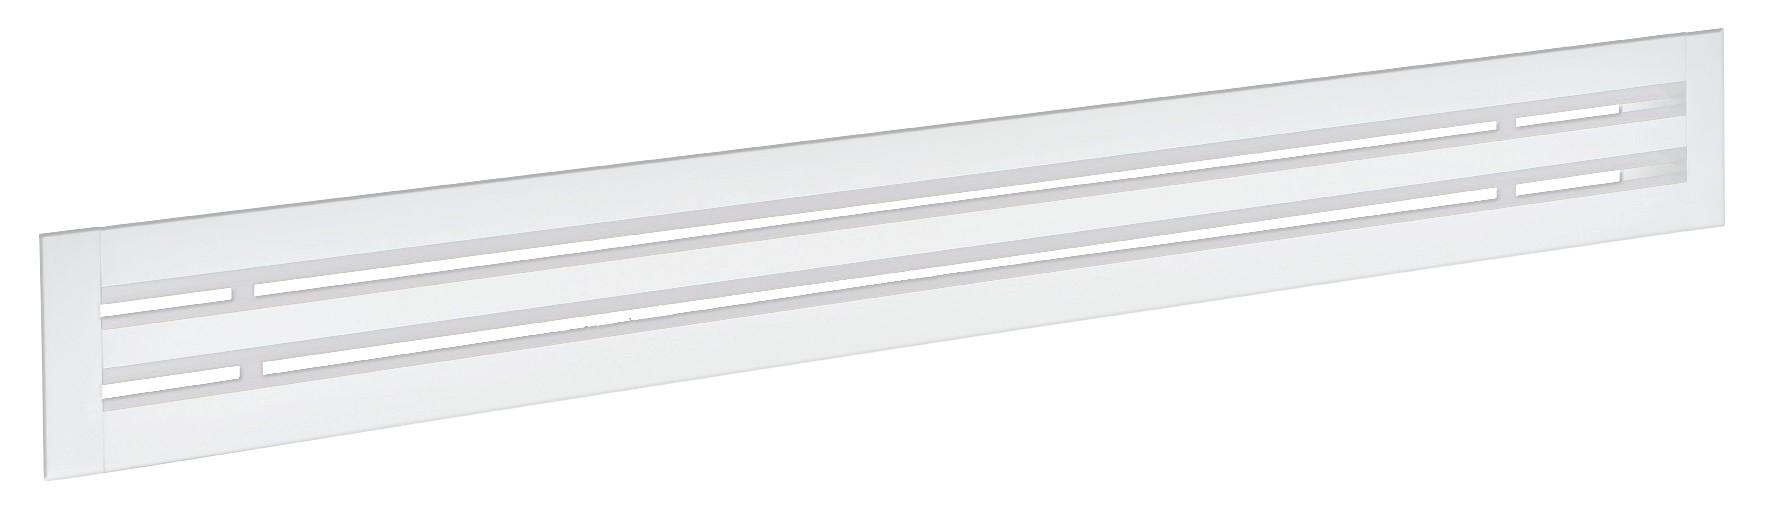 Diffusore lineare a feritoie Ral 9010 modello DLF20 deflettori Ral 9010 1 feritoia L=1000 mm